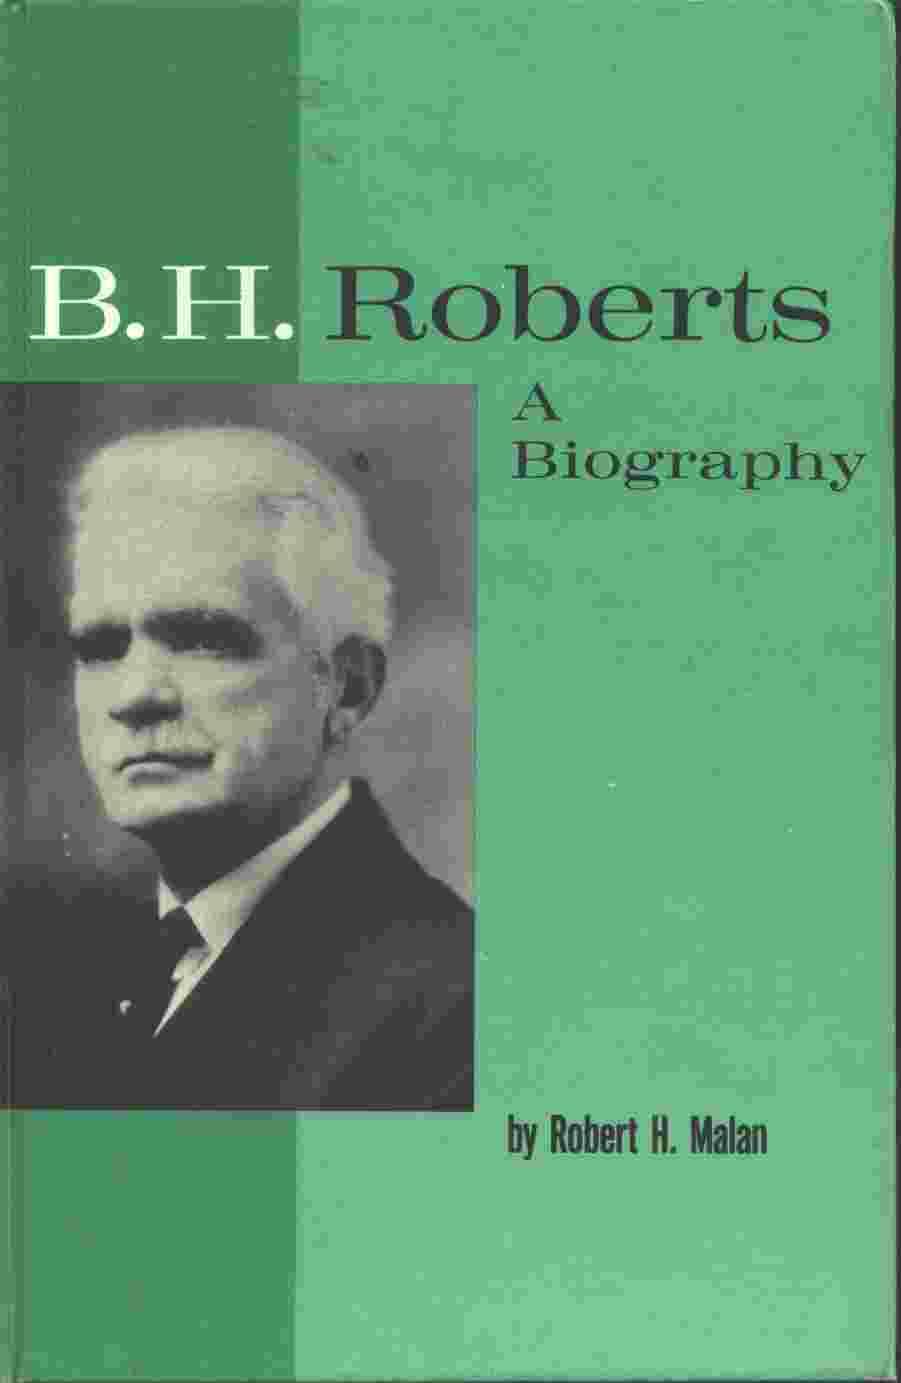 B.H. ROBERTS - A BIOGRAPHY, Malan, Robert H.